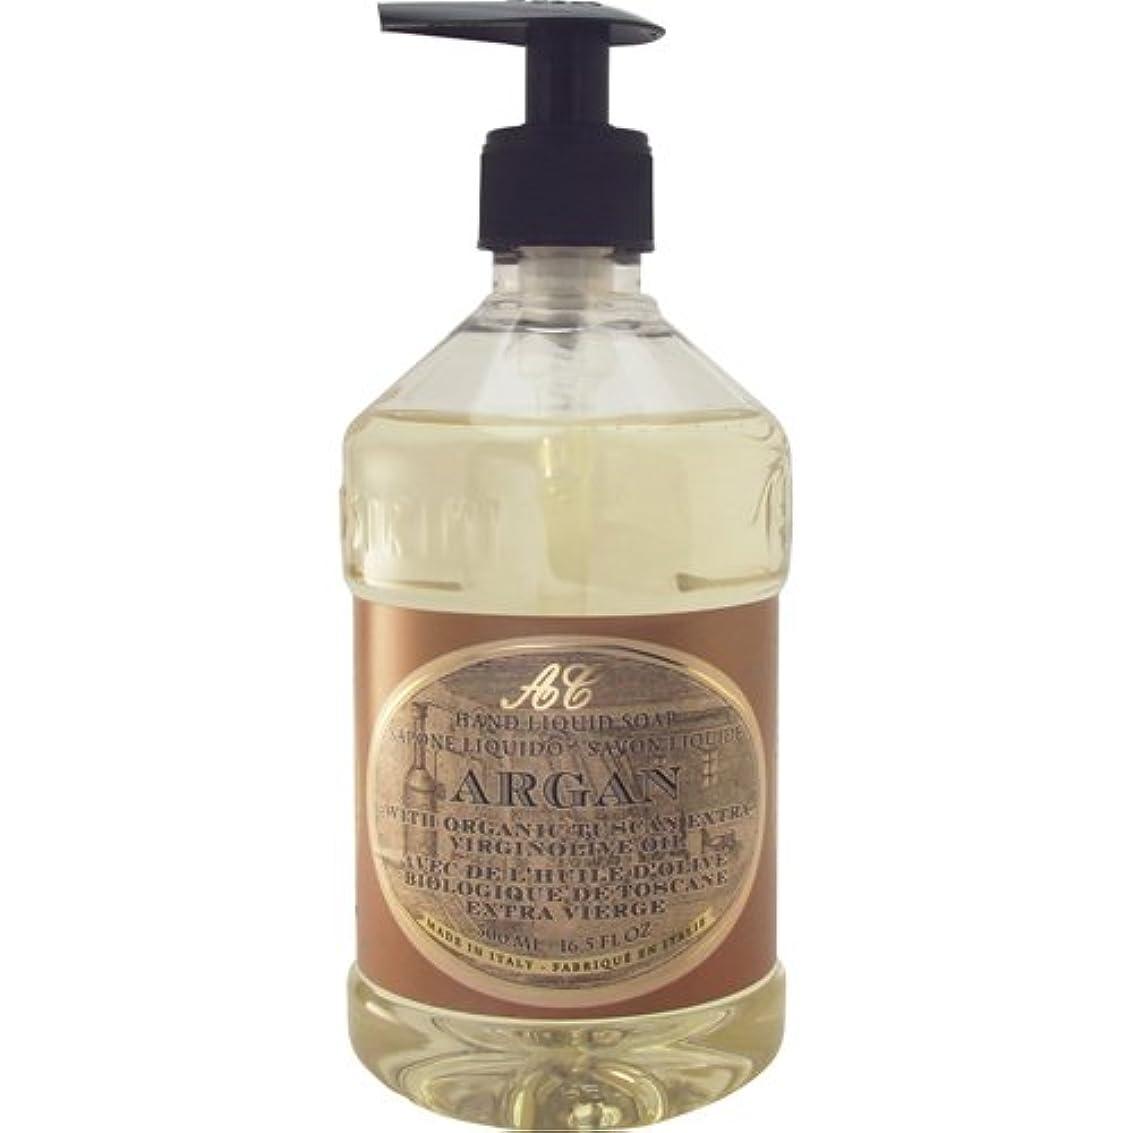 変動する三角さわやかSaponerire Fissi レトロシリーズ Liquid Soap リキッドソープ 500ml Argan アルガンオイル